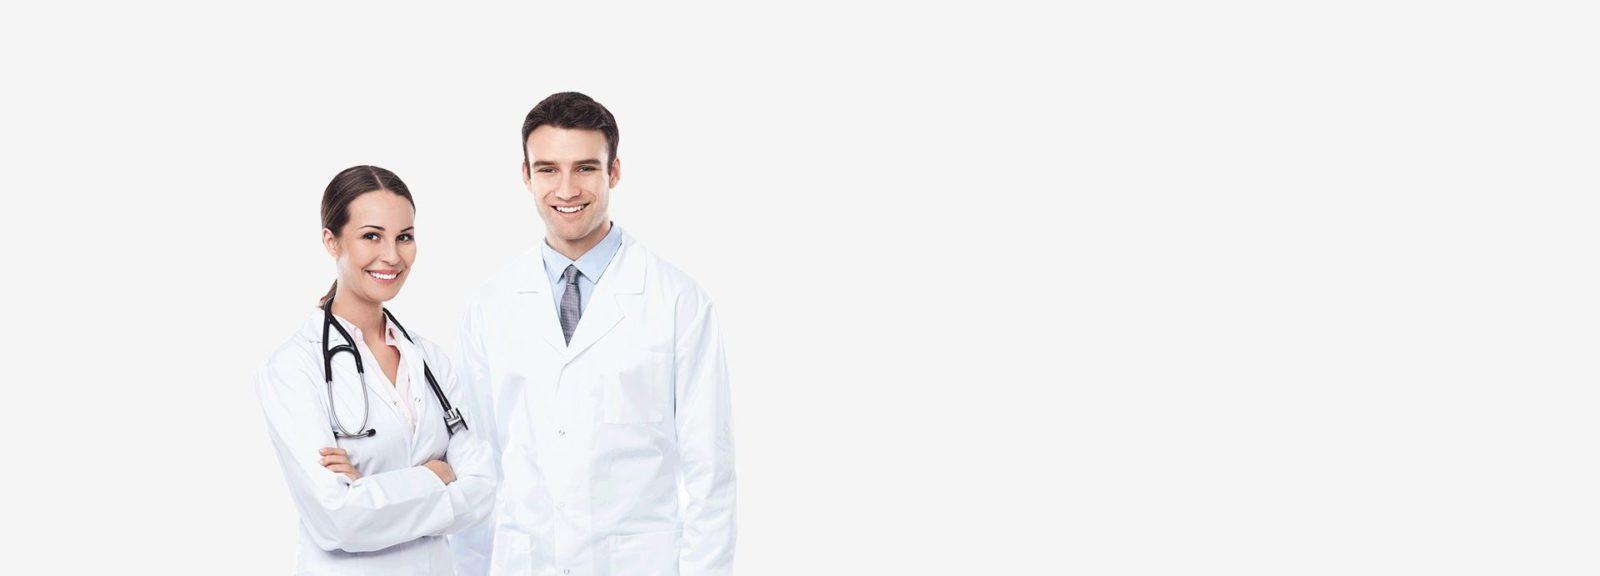 Чоловіки до 50 років виявилися більше жінок схильними остеопорозу